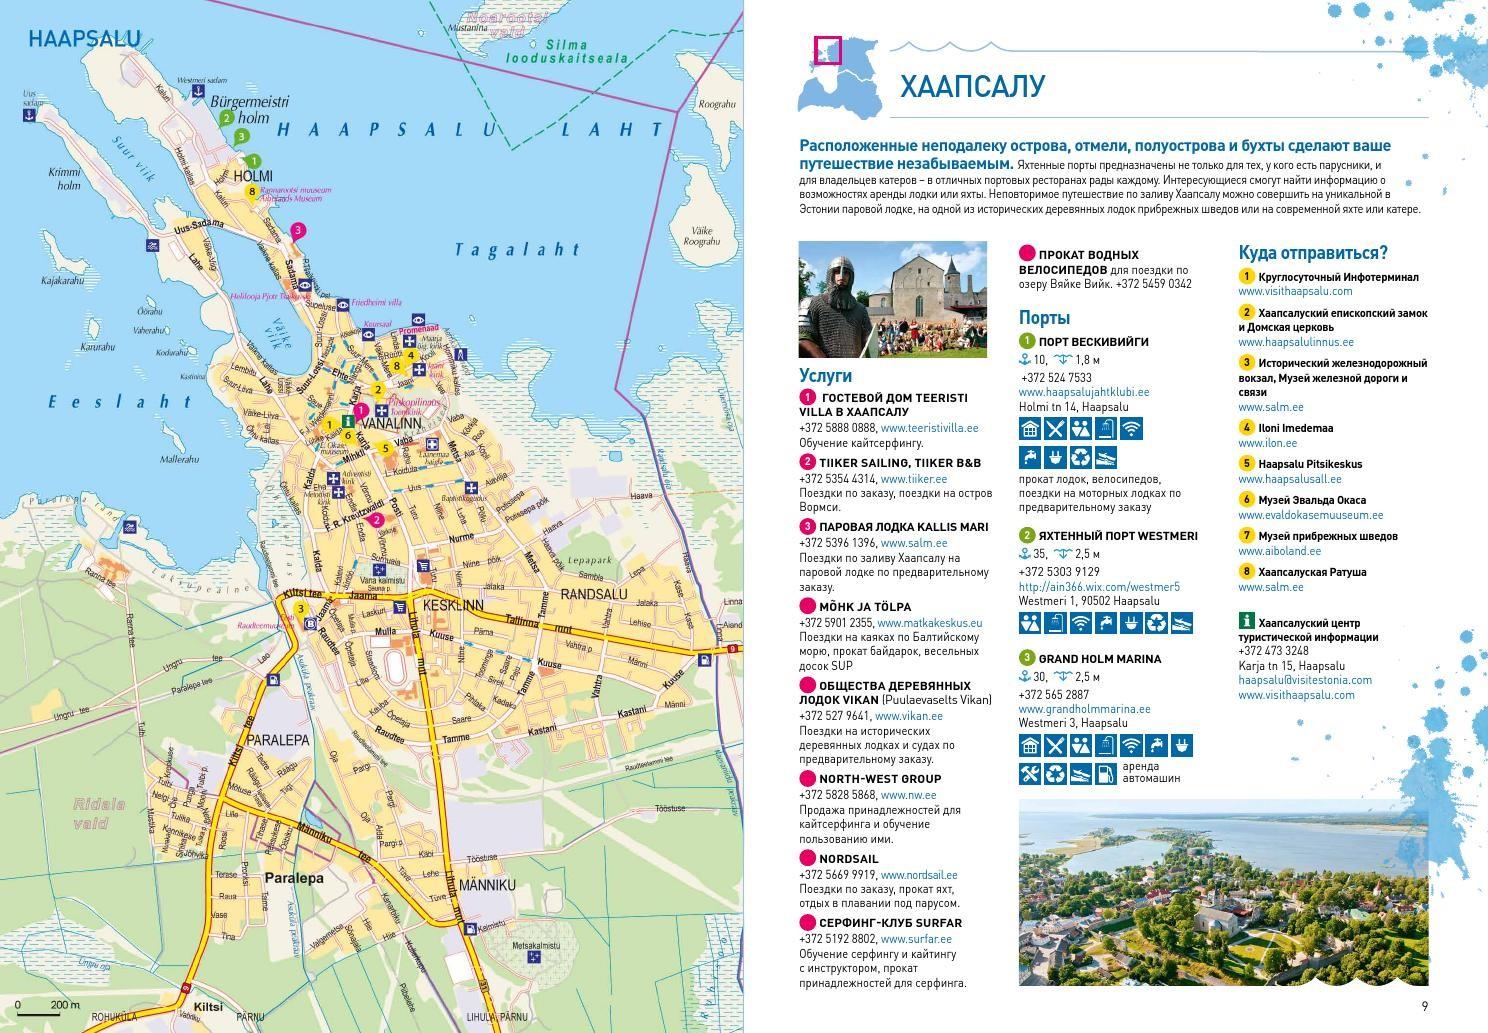 Достопримечательности ХаапсалДостопримечательности Хаапсалу на картеу на карте